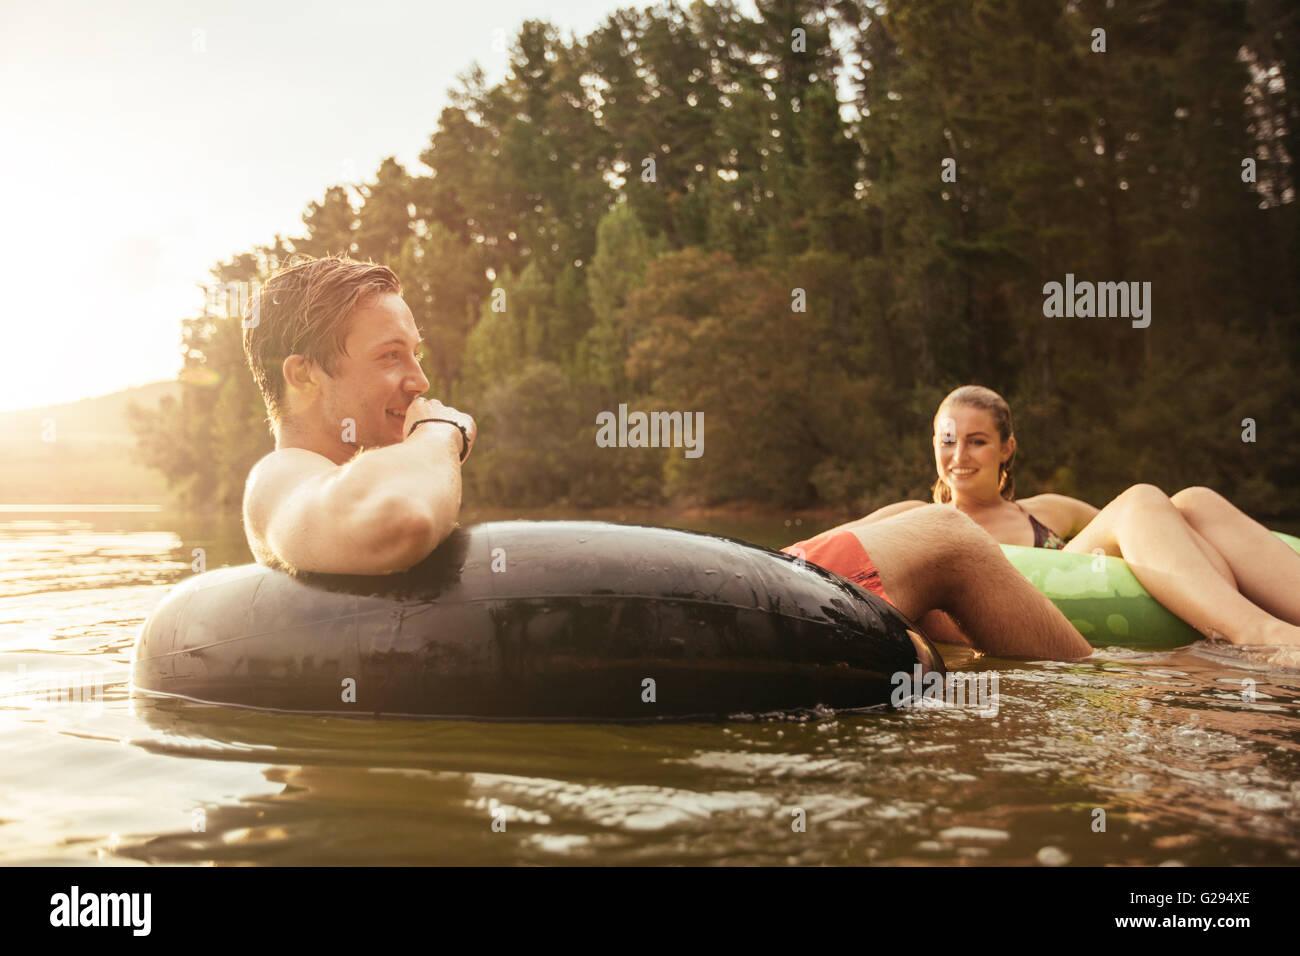 Porträt von glücklicher junge Mann im See auf aufblasbaren Ring mit seiner Freundin. Junges paar entspannende Stockbild